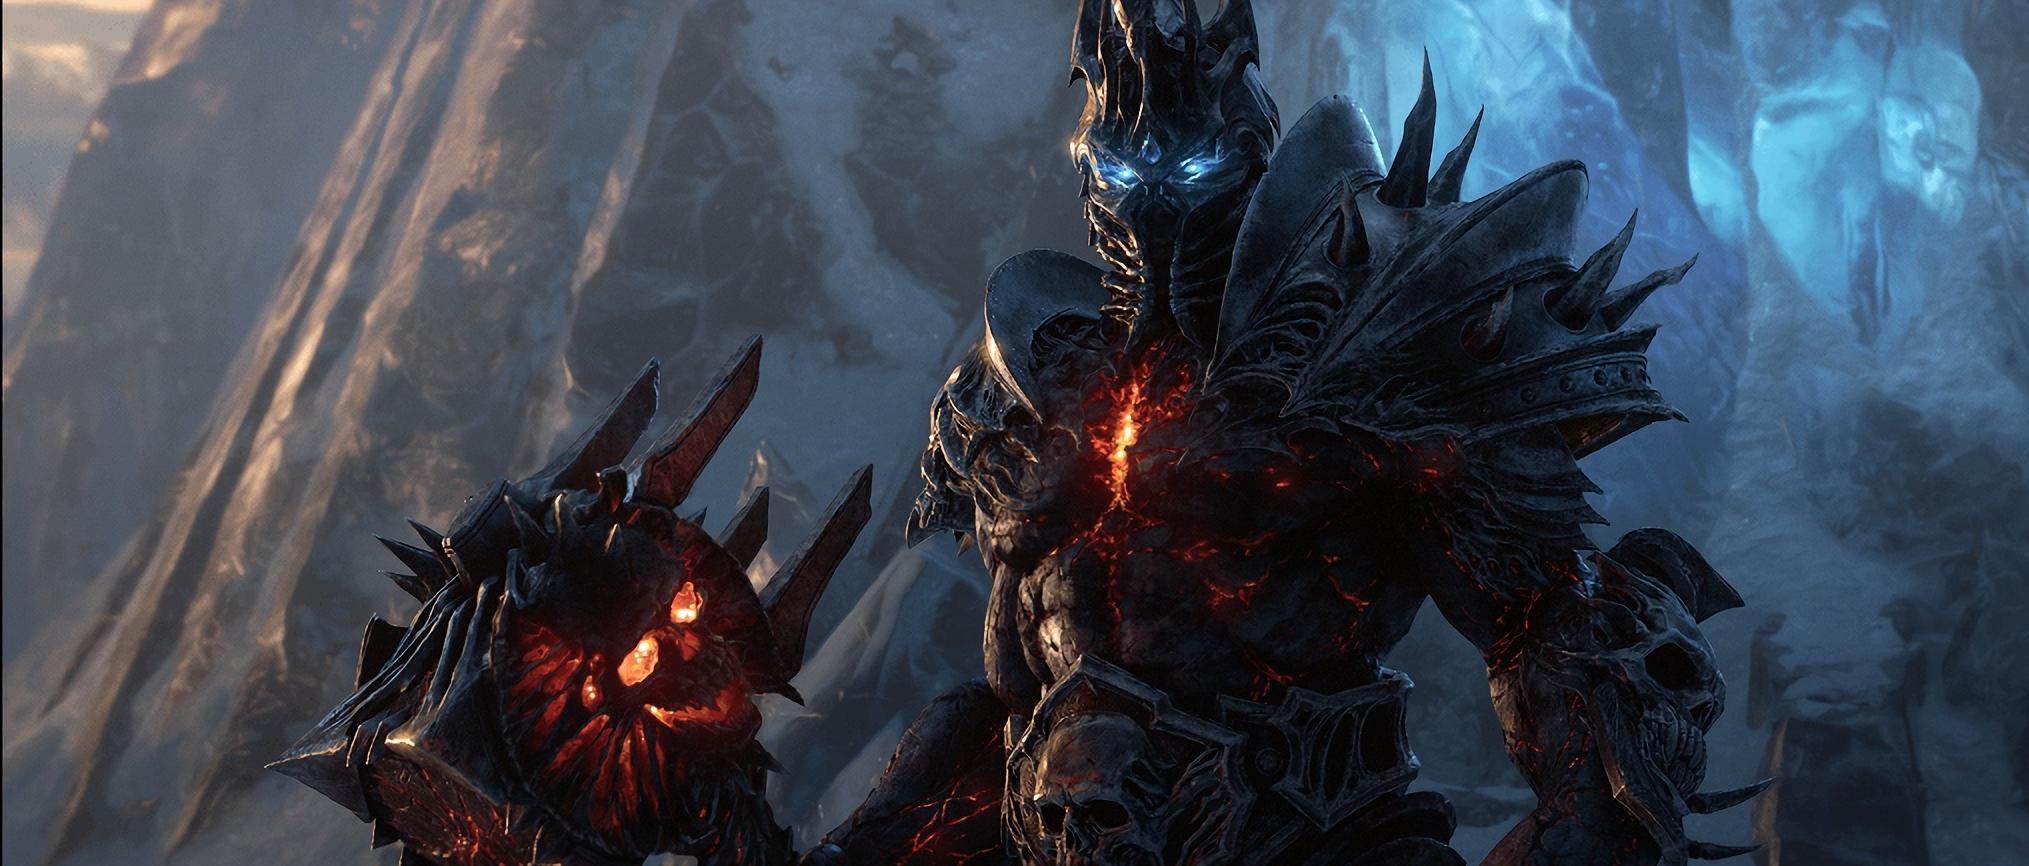 World of Warcraft - a CGI depiction of Bolvar Fordragon